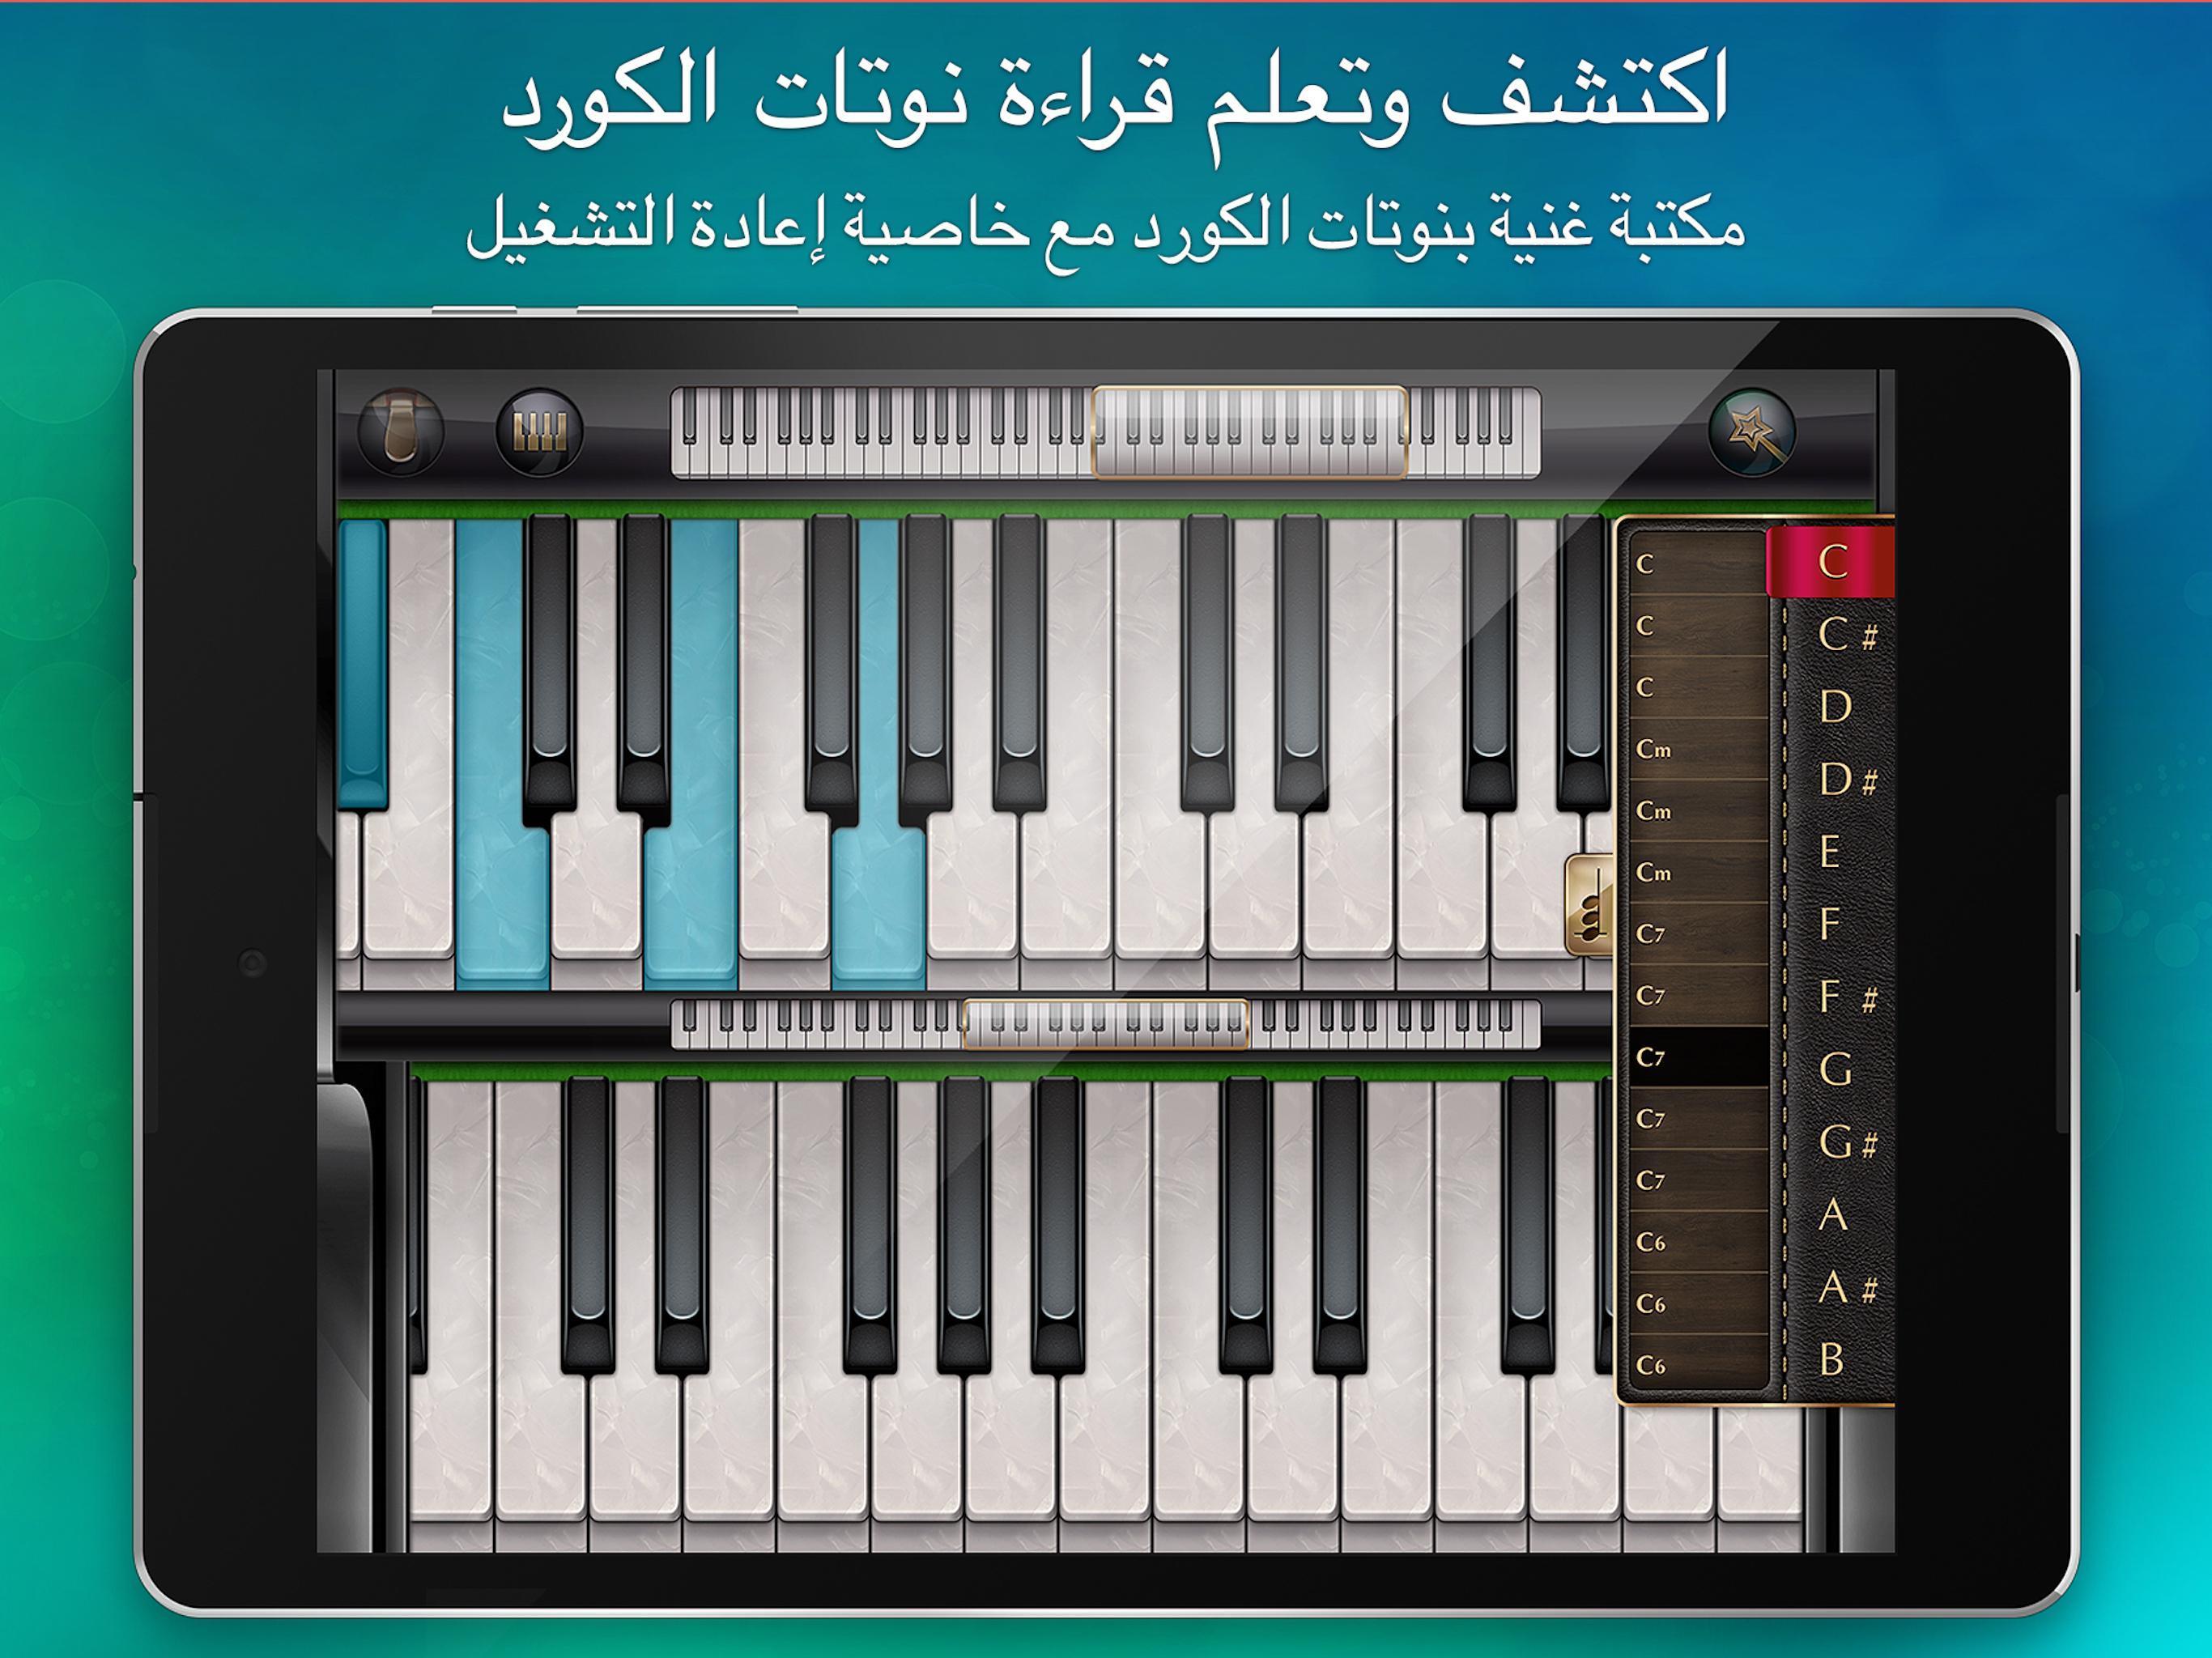 بيانو لعبة تحميل